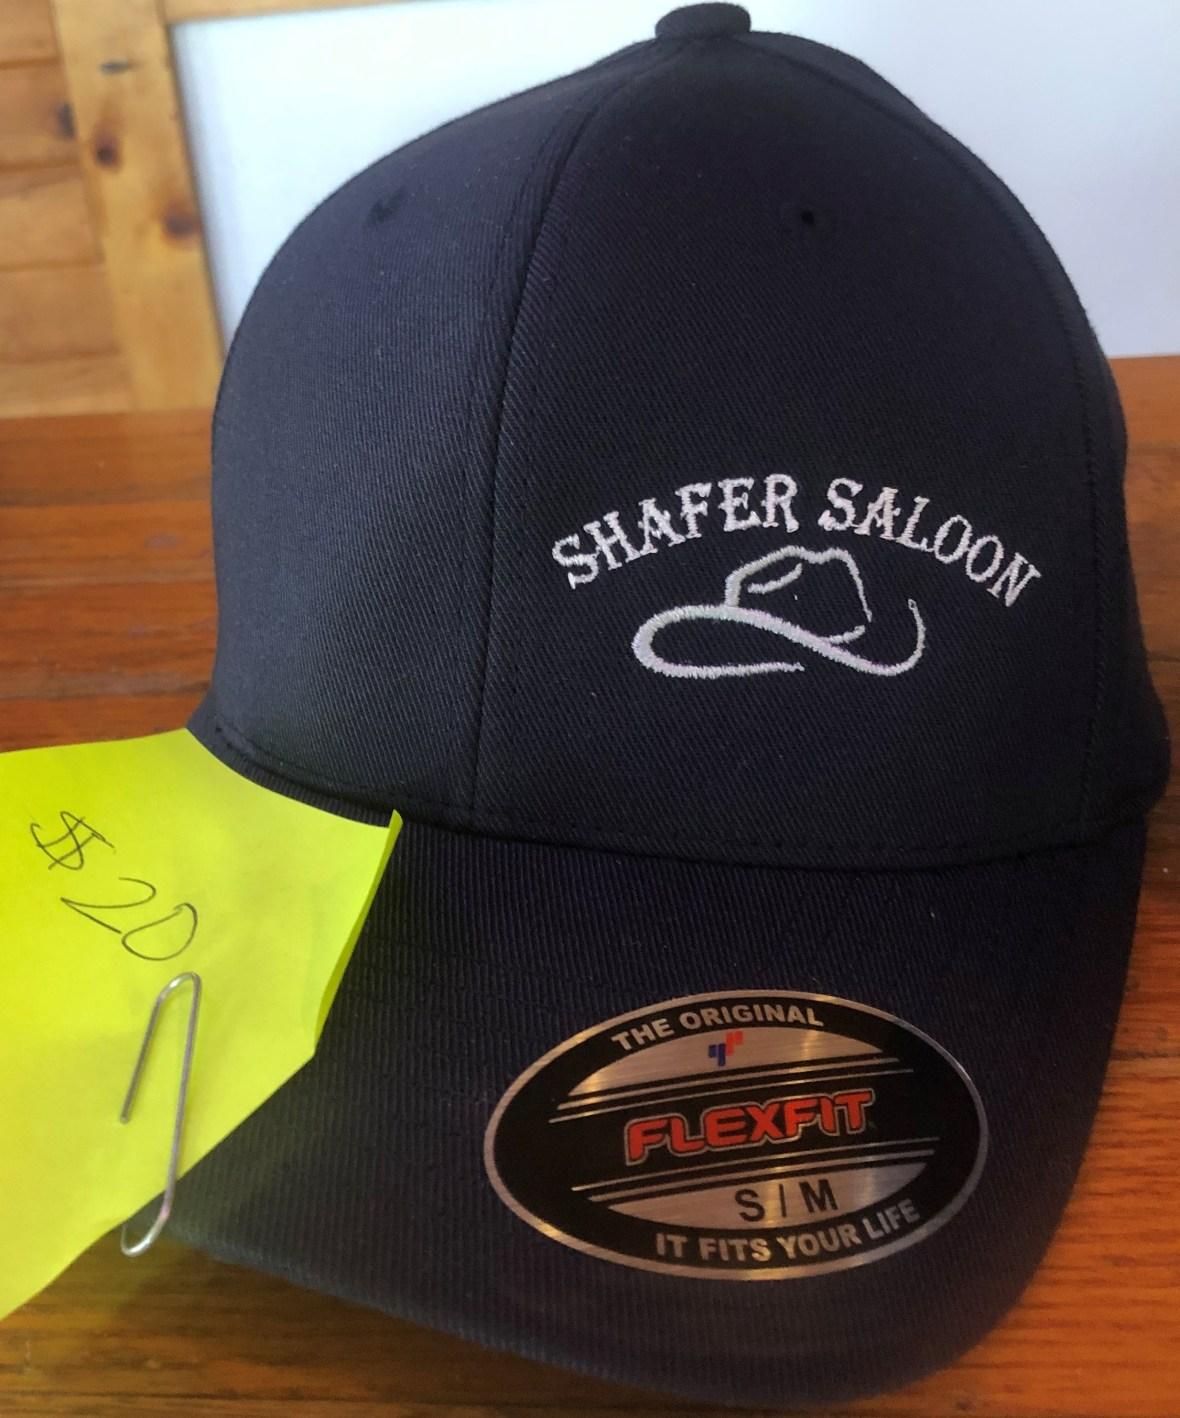 Shafer Saloon Hat 1